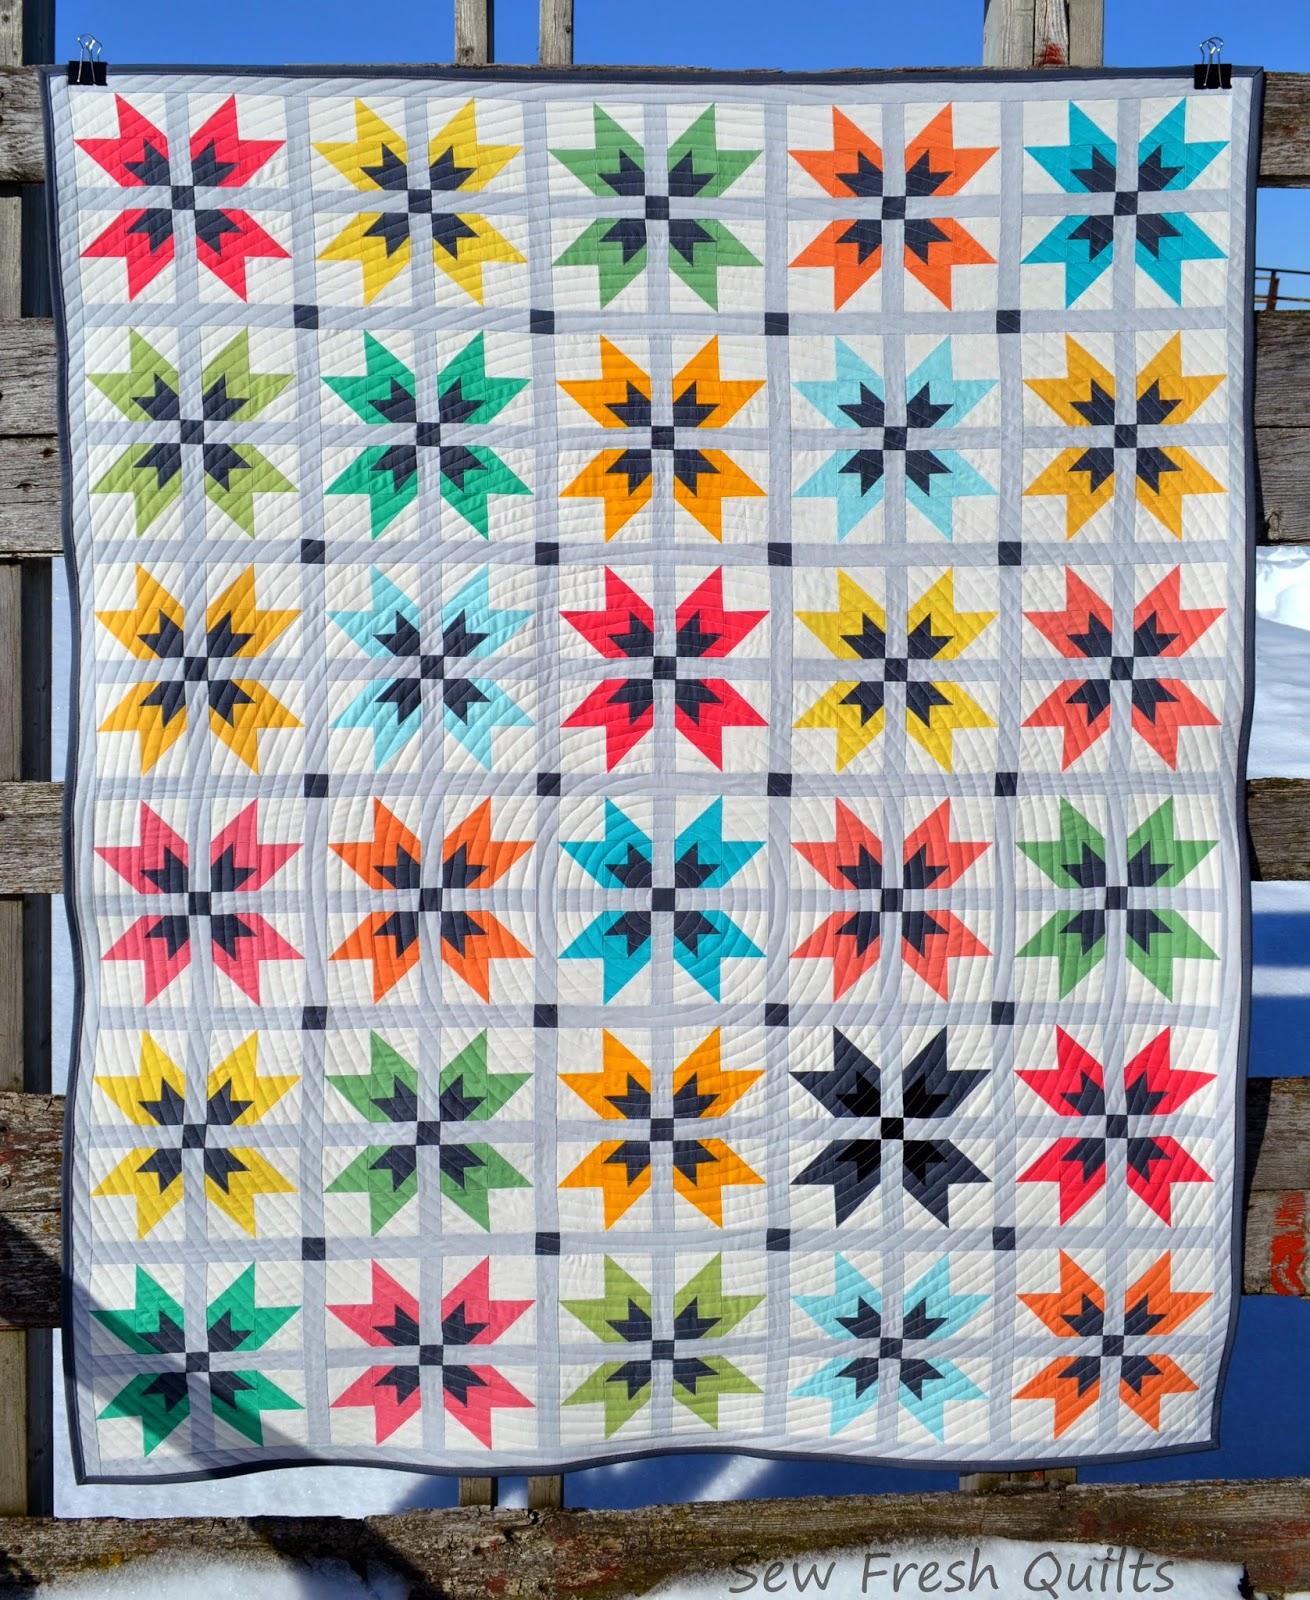 http://sewfreshquilts.blogspot.ca/2015/02/wow-e-custom-quilt.html